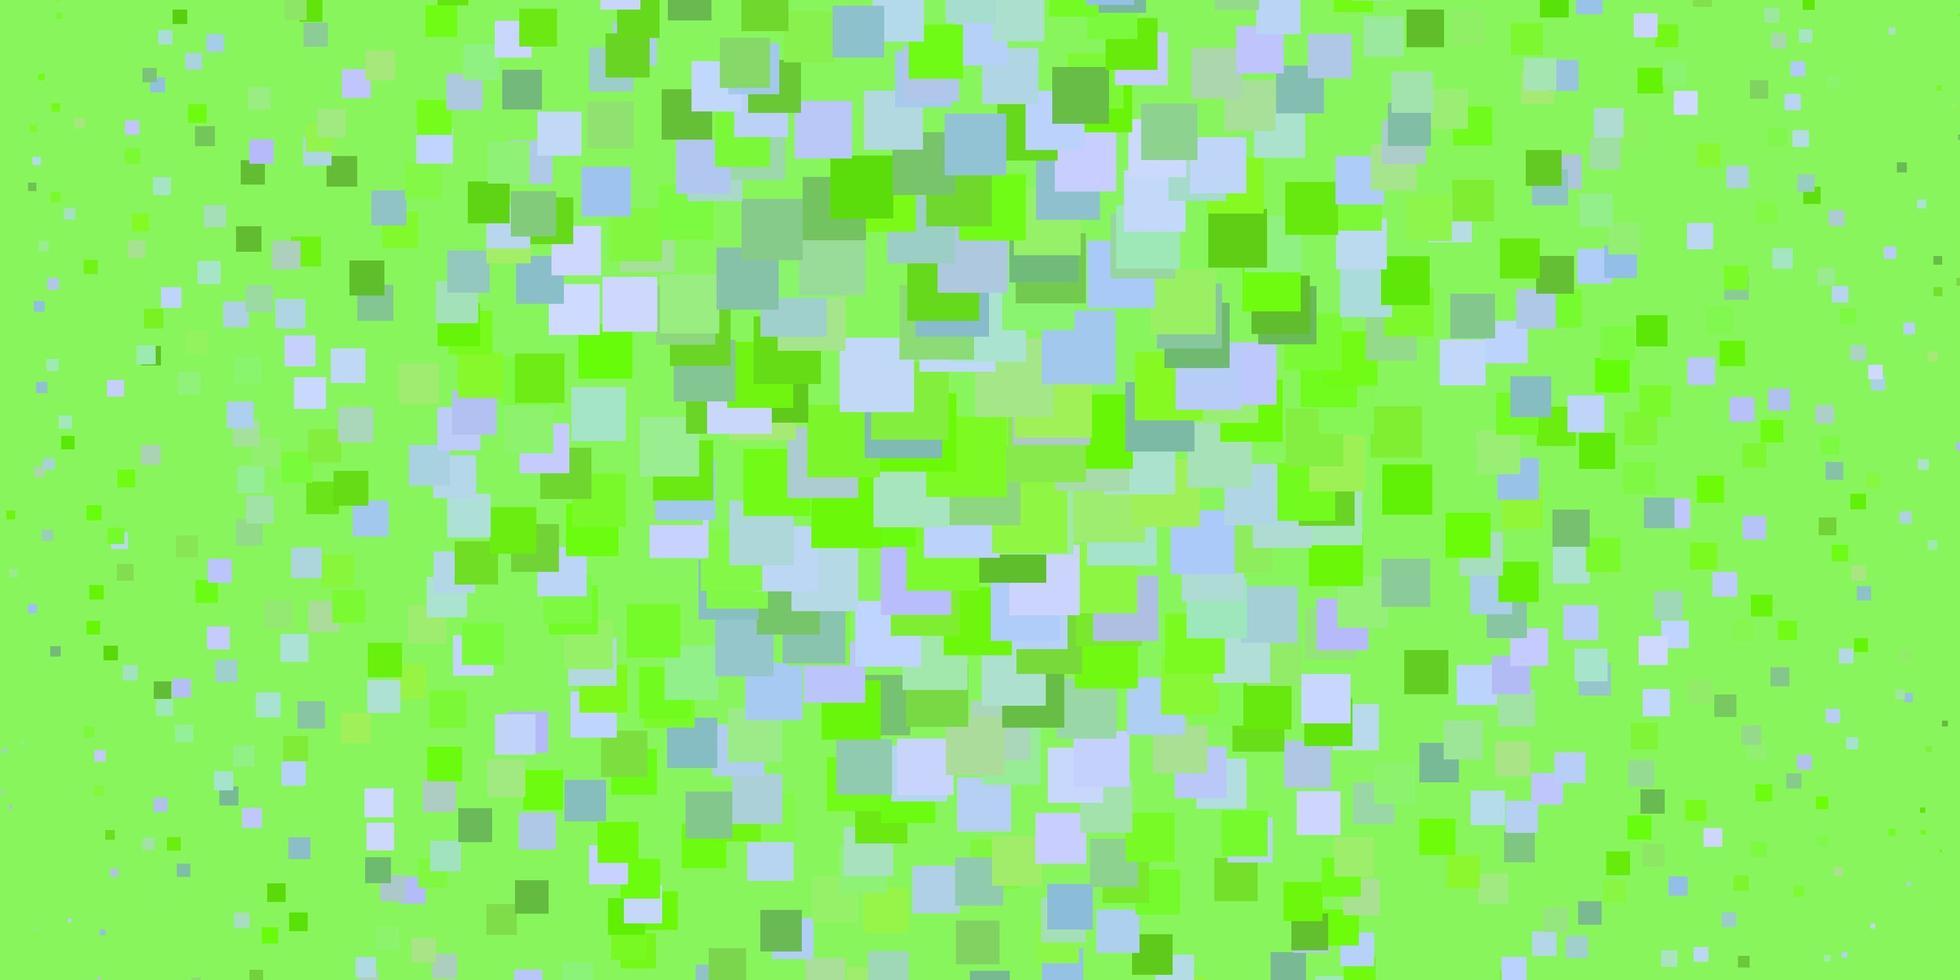 fundo verde com quadrados. vetor